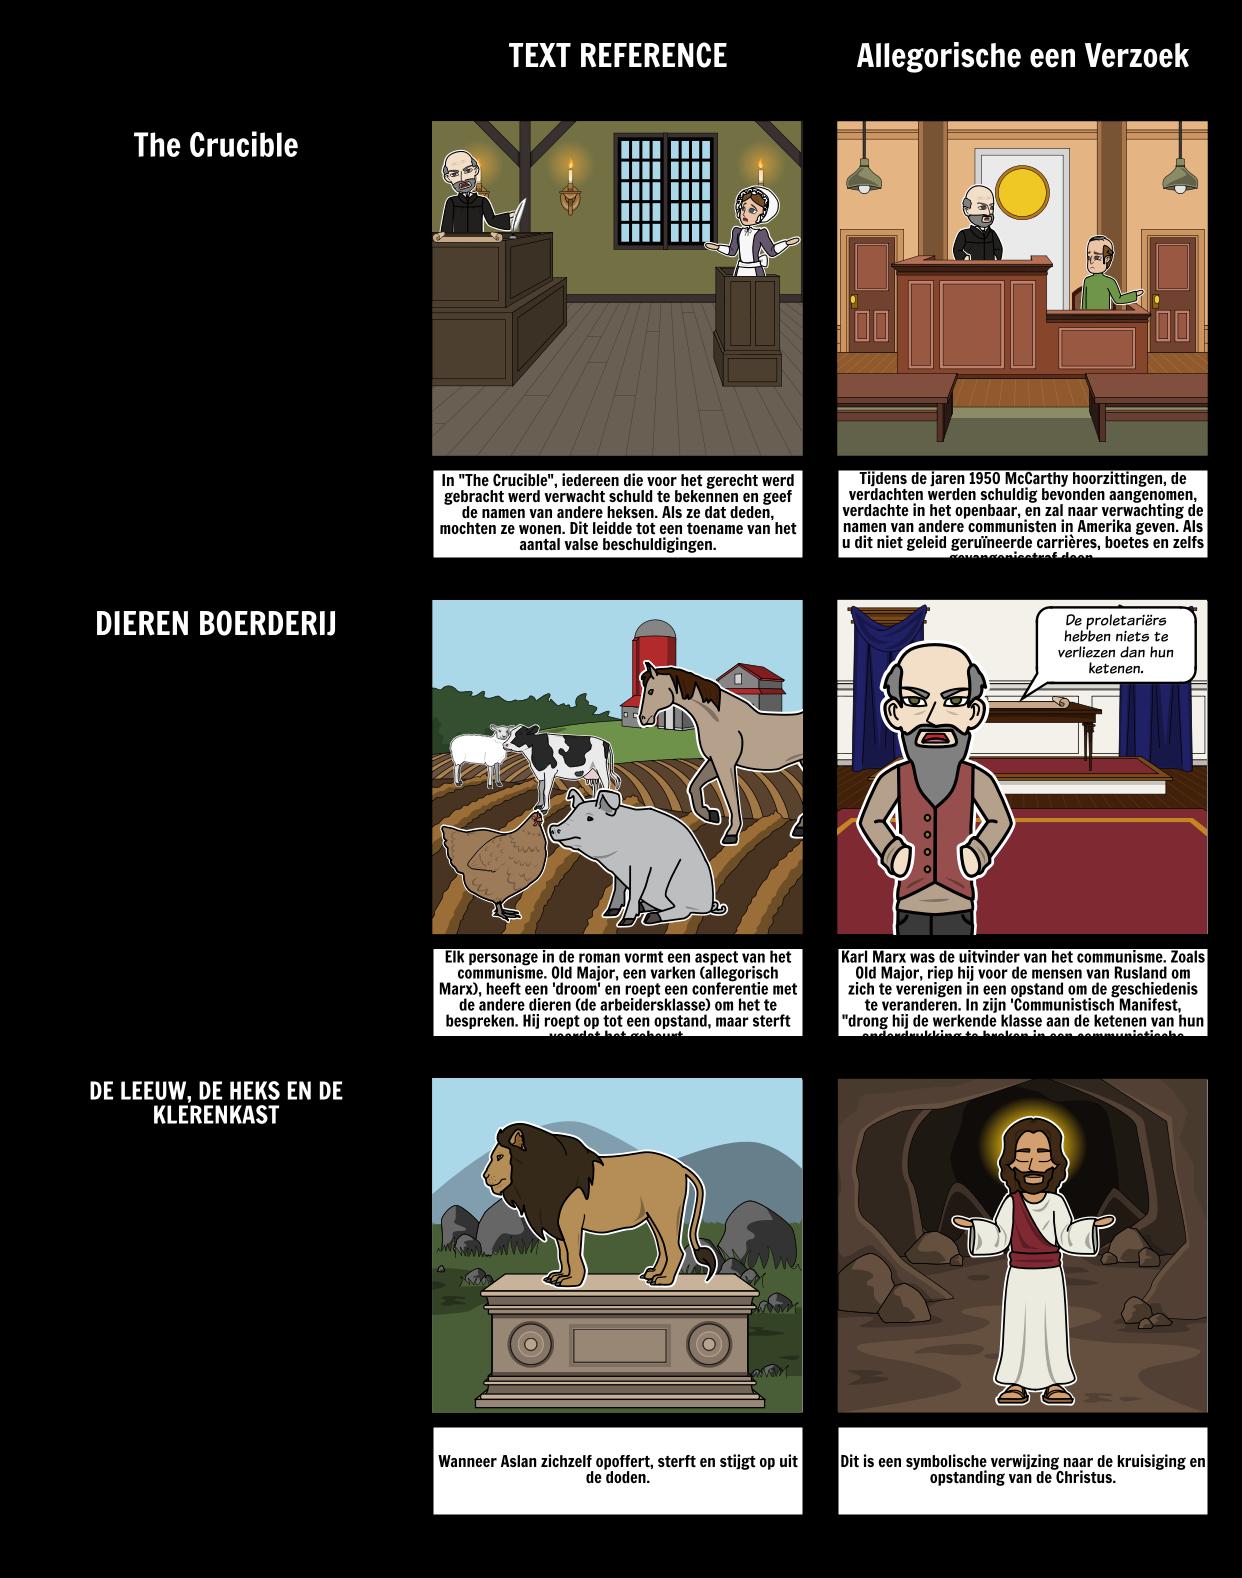 Allegorie Voorbeelden